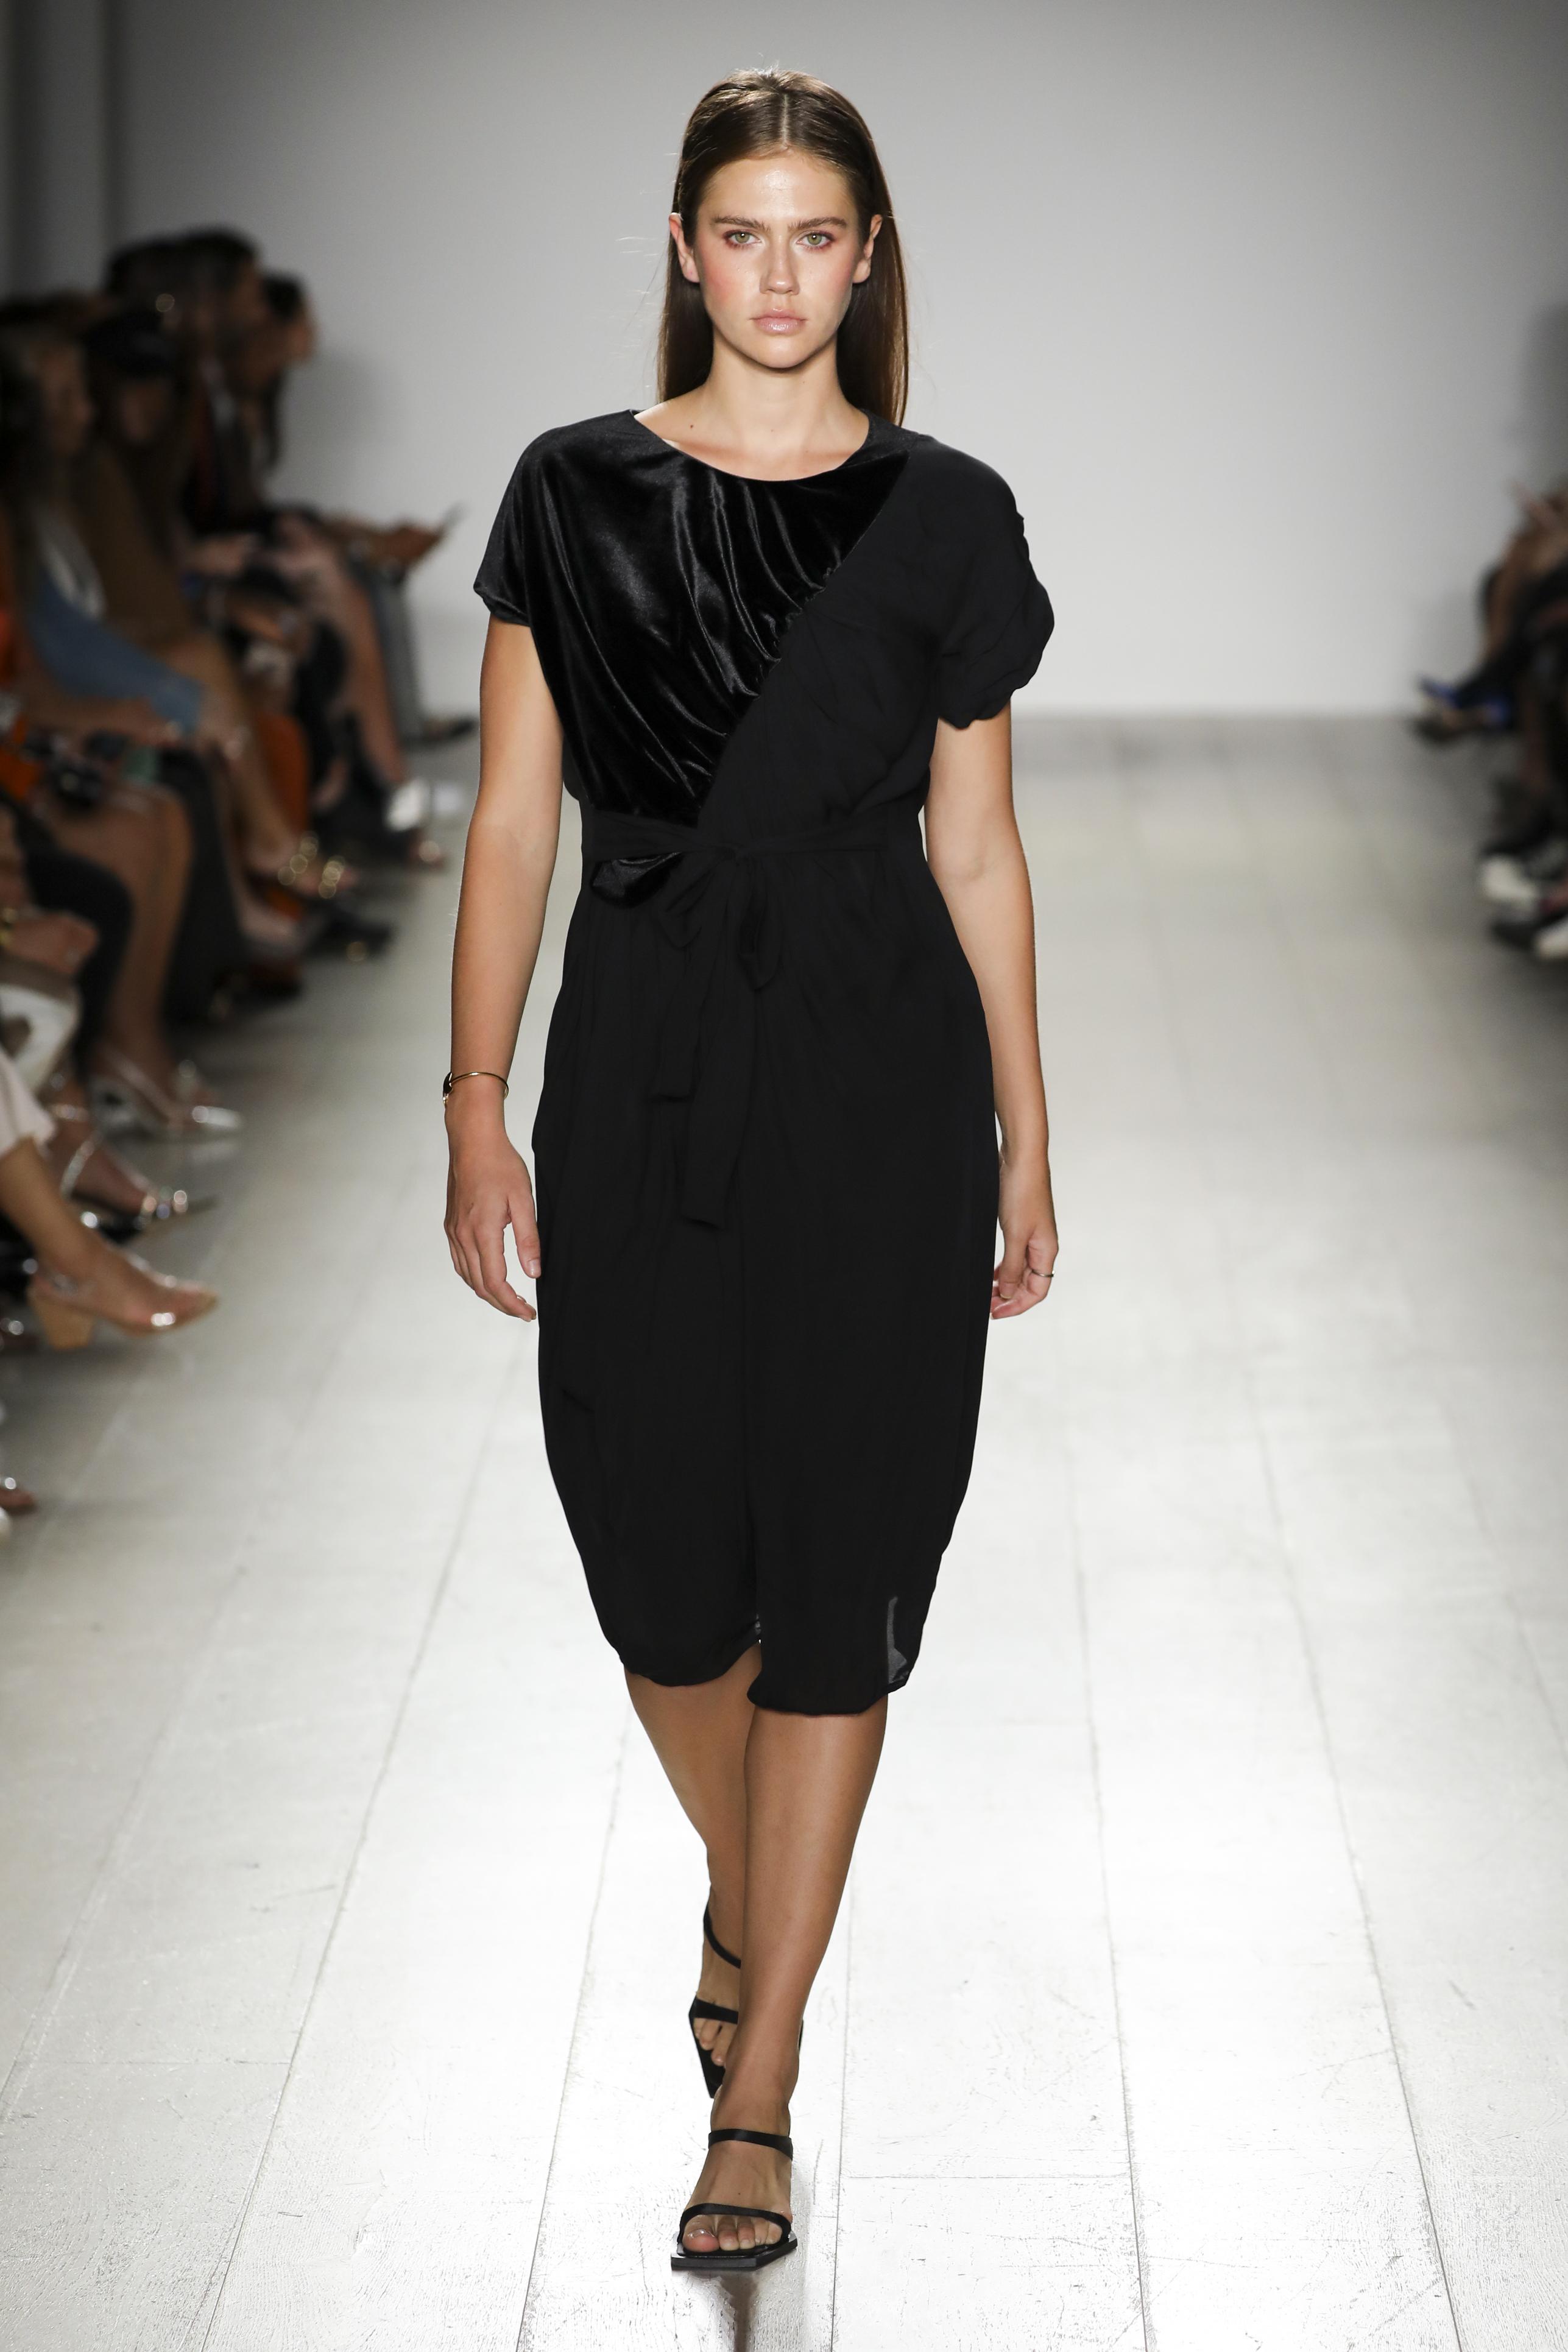 CALISTA, la marca mexicana que desfiló en el New York Fashion Week 2021